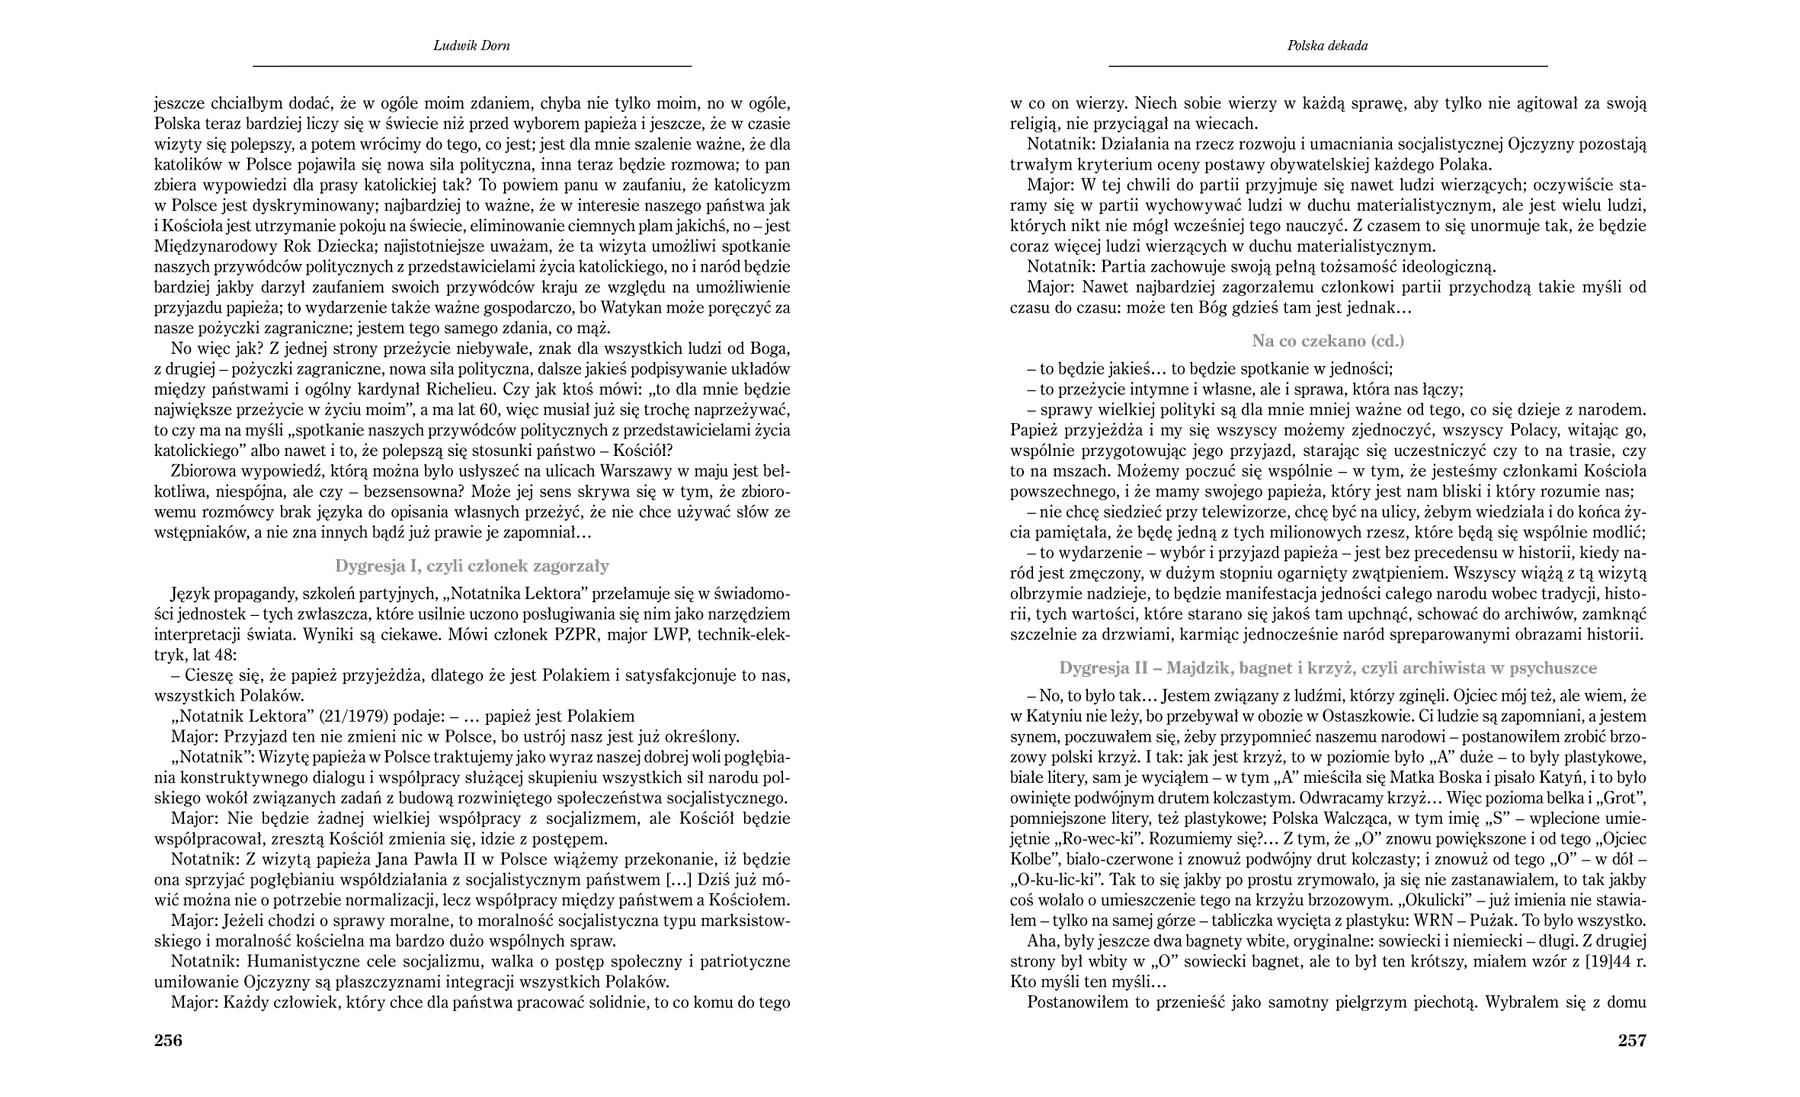 Głos Niepodległości - strony 256-257